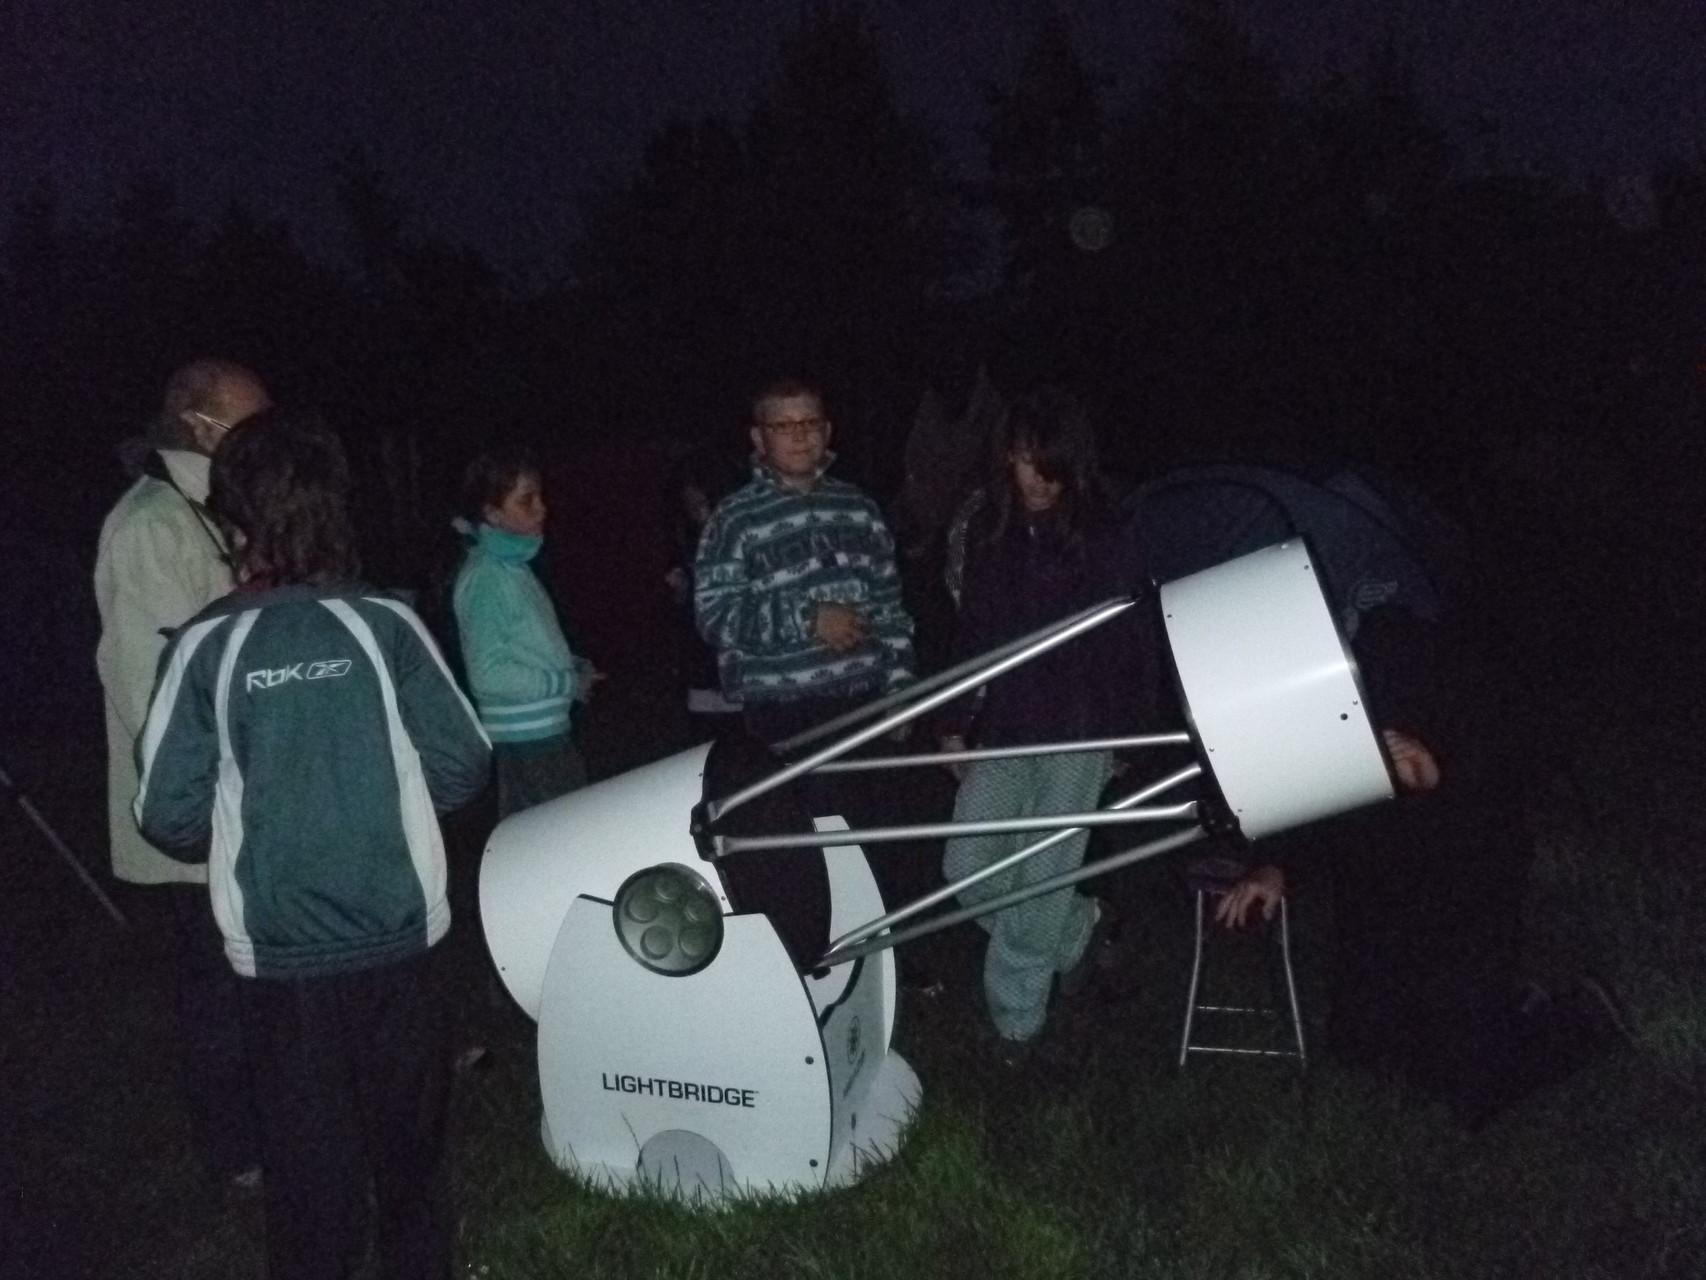 Juillet 2012 - observation au dobson 400